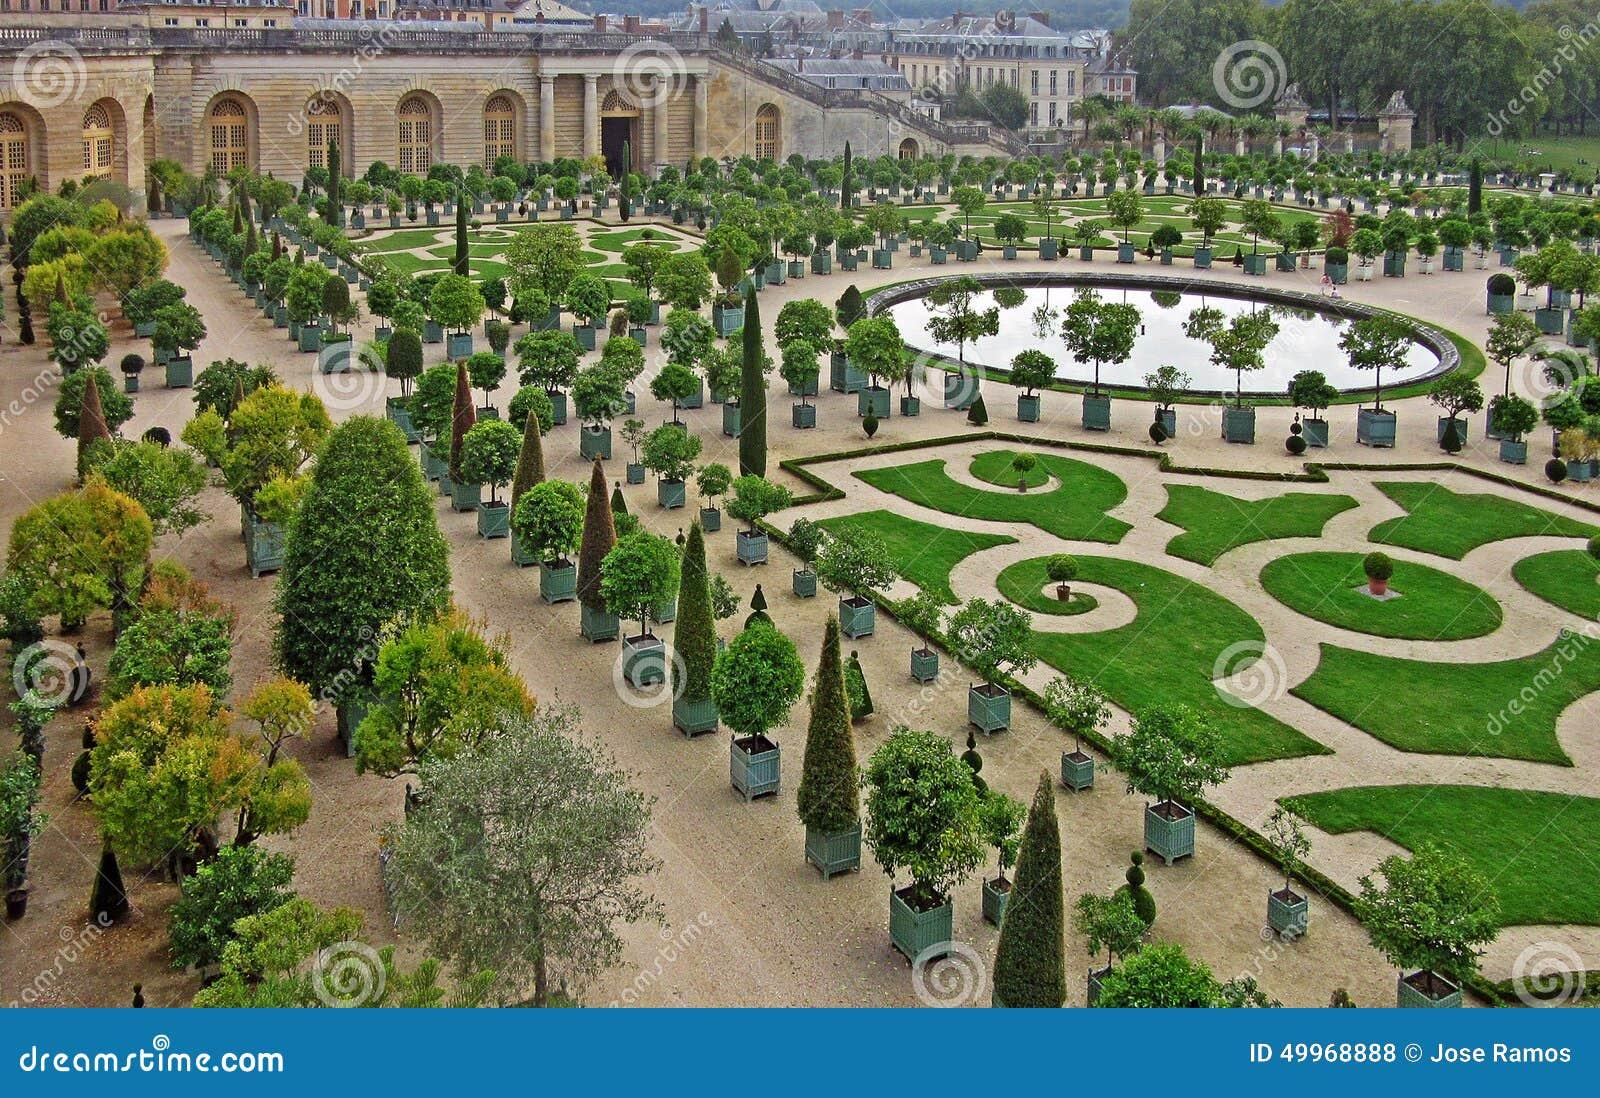 Die Gärten von Versailles 1